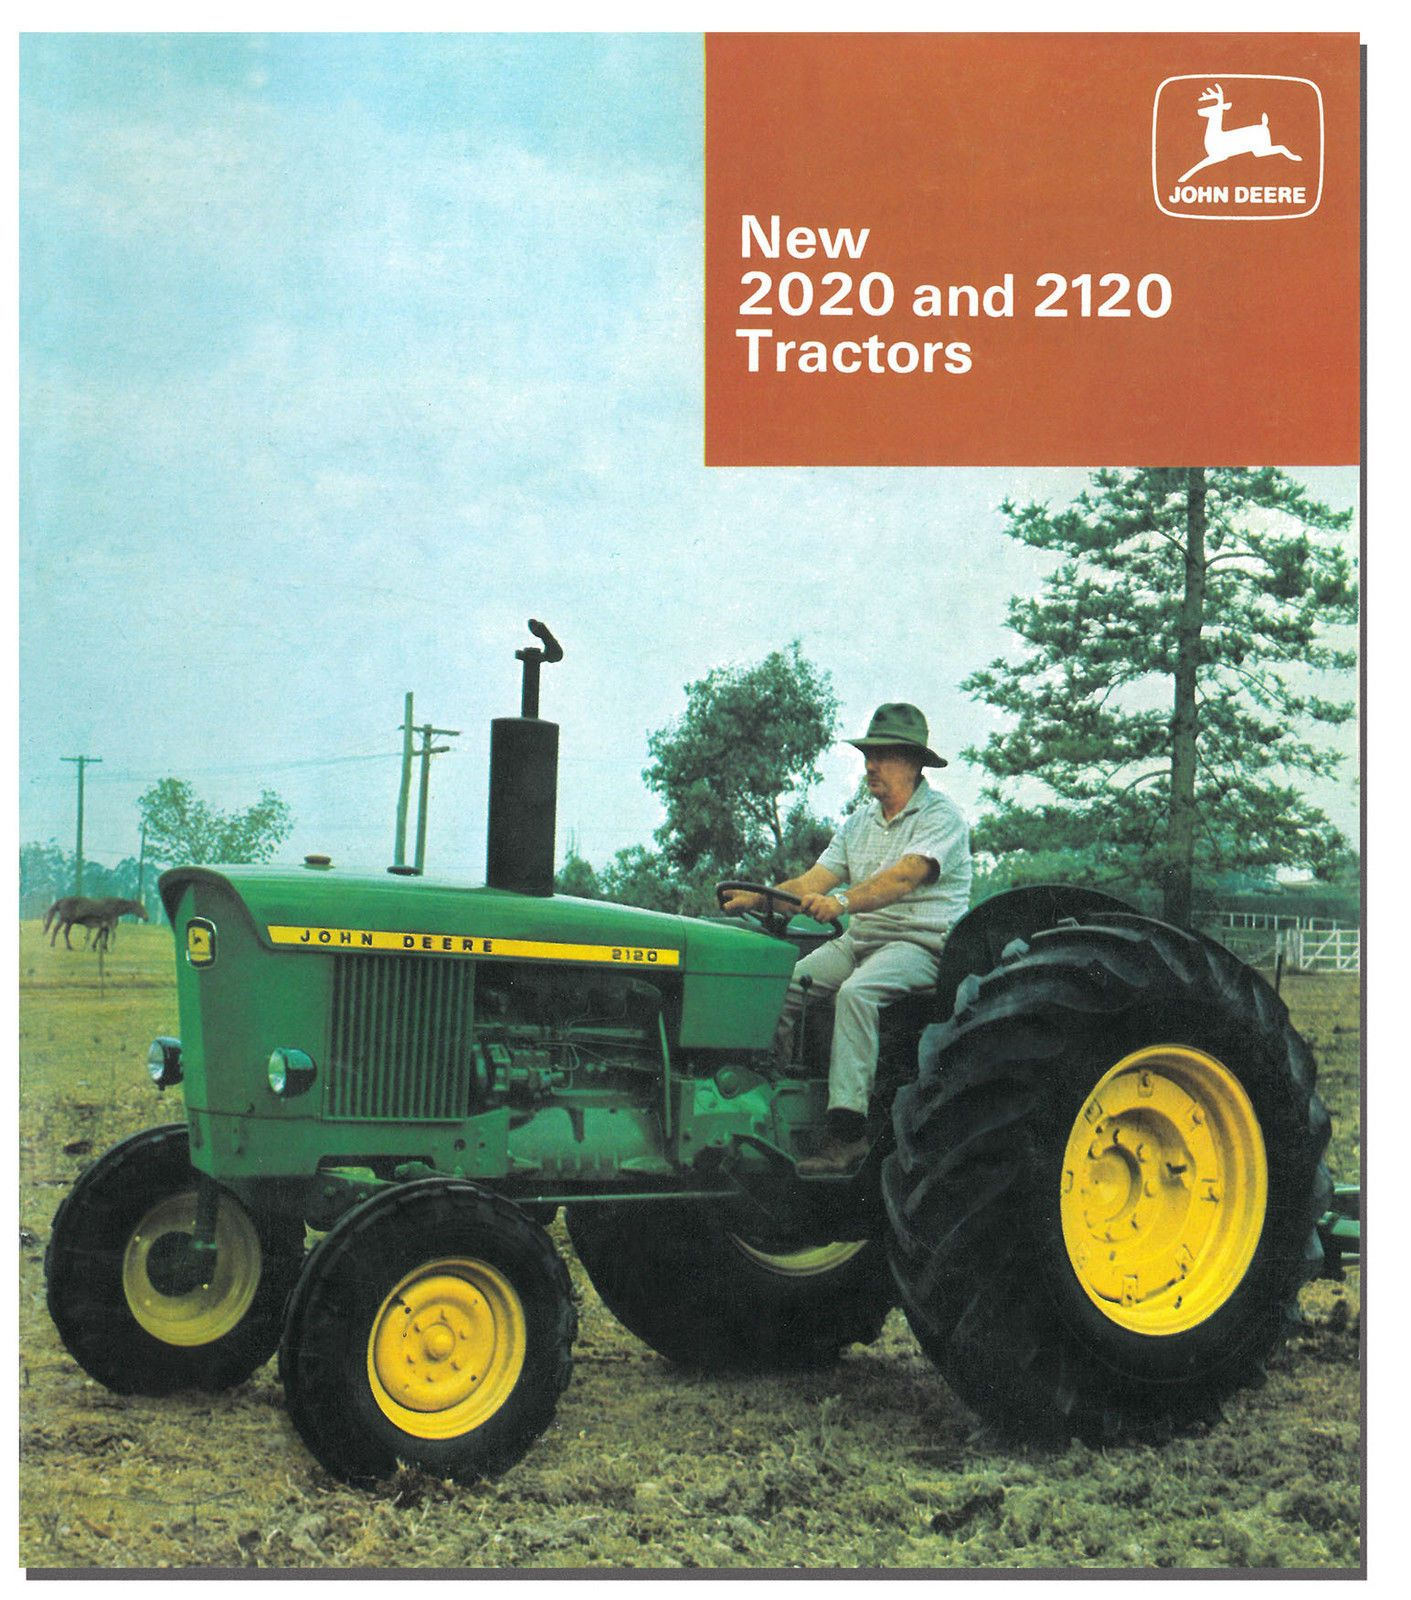 $17.99 AUD - John Deere 2020 2120 Tractor Brochure 1967 To 1972 #ebay  #Collectibles